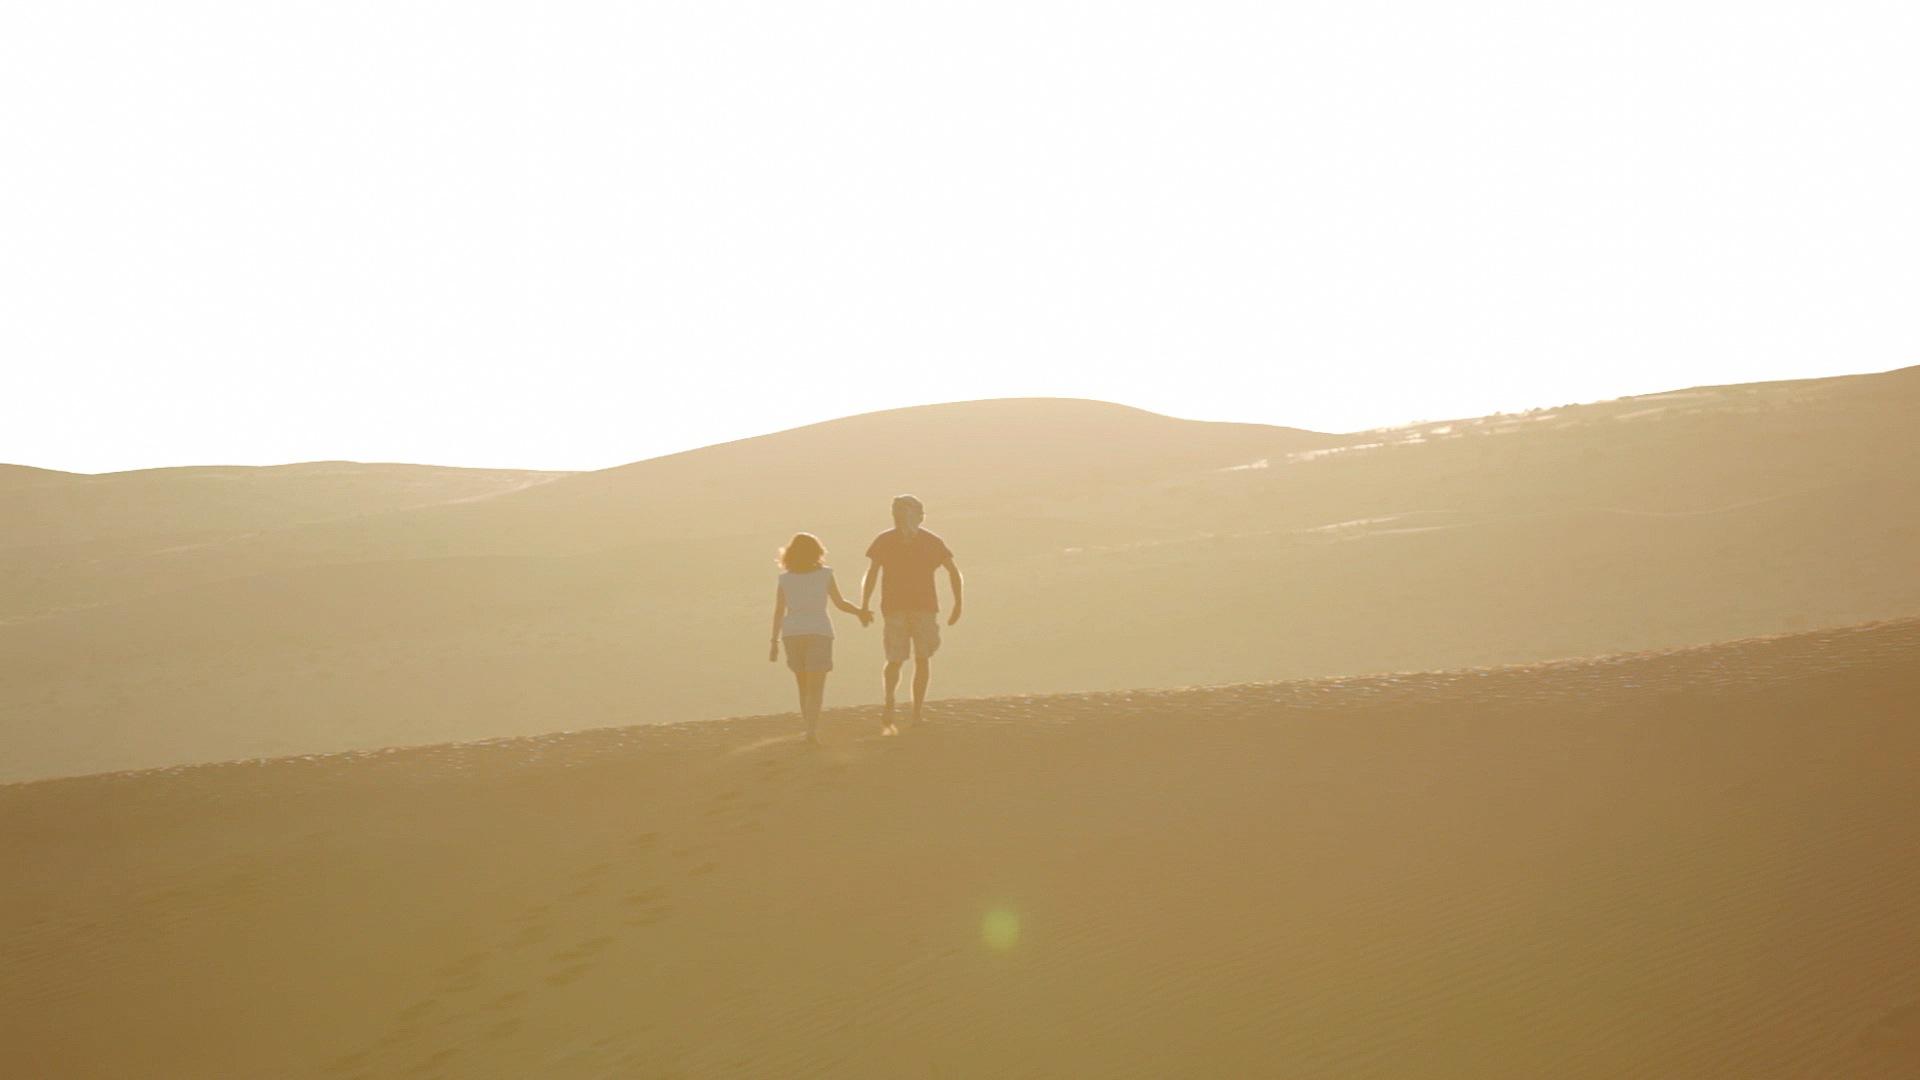 Oman Desert before sunset